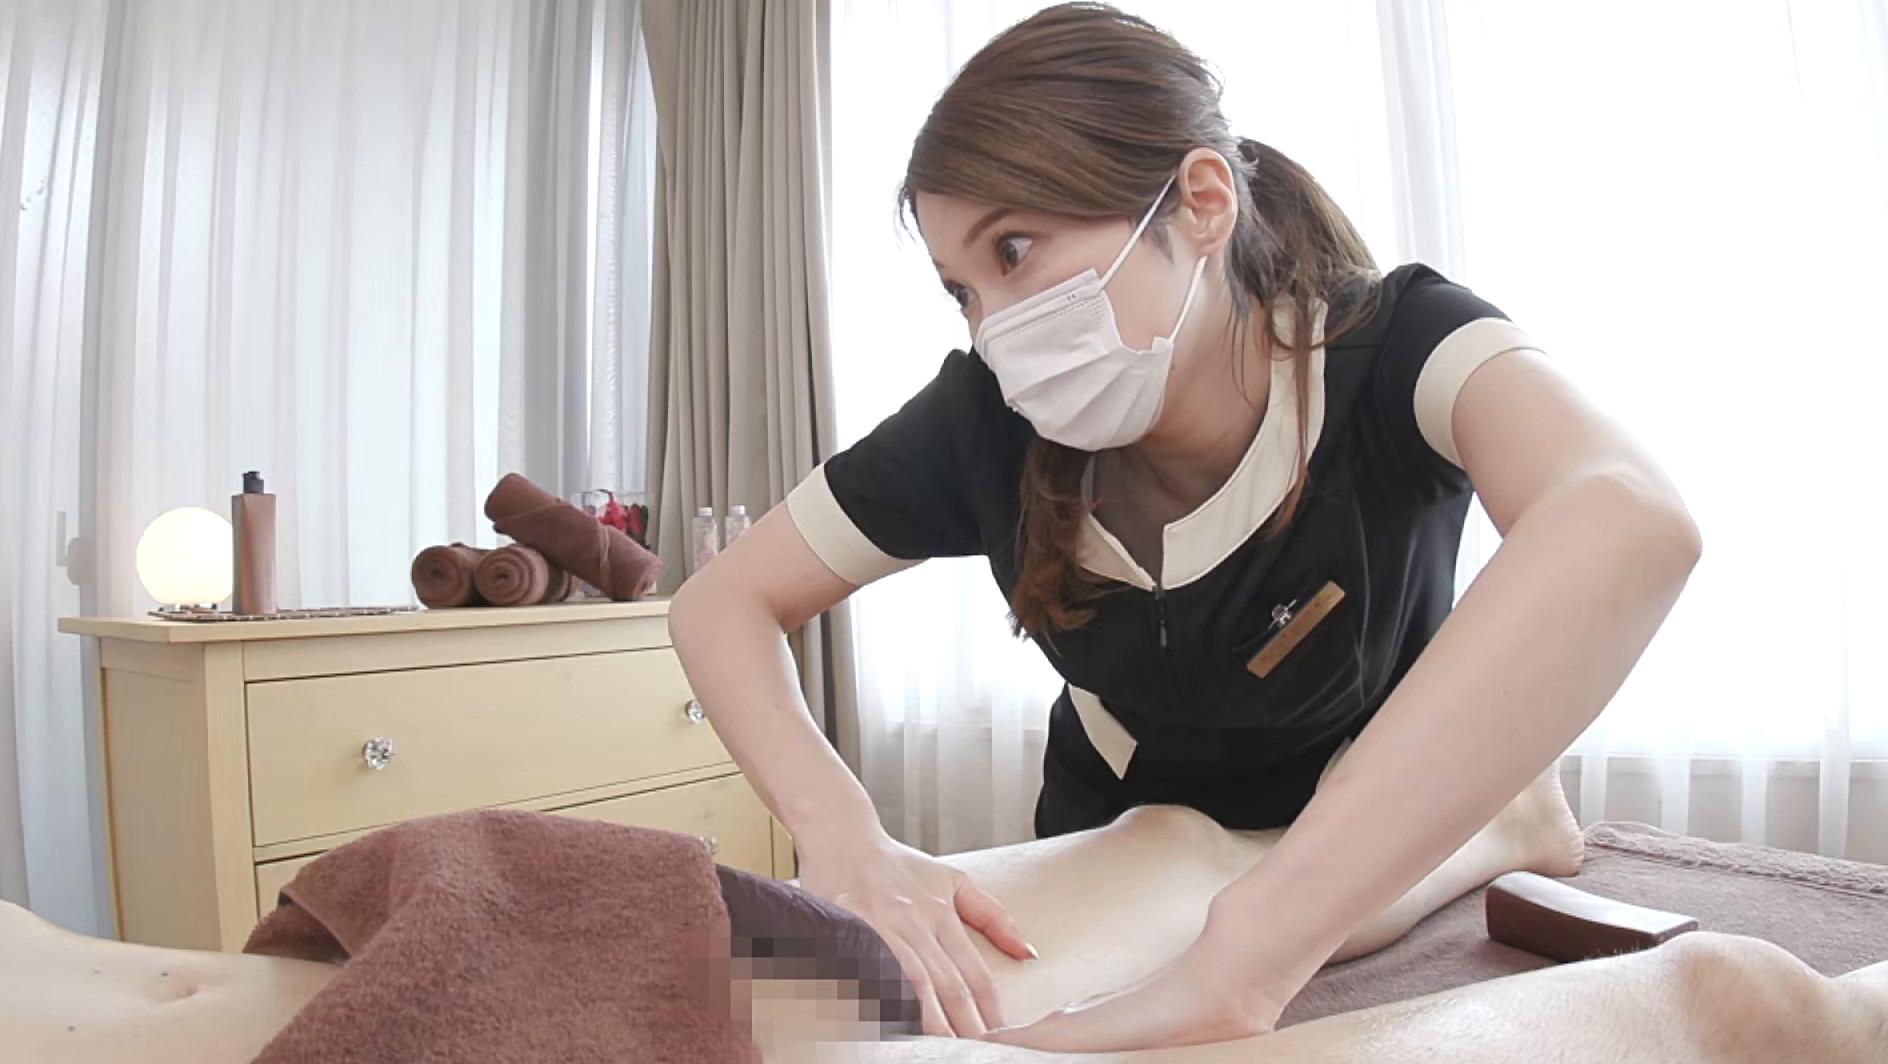 愛嬌溢れる美人エステティシャン由美香さんの初めてのチ〇ポ観察&身悶えるような手コキニックで即射1